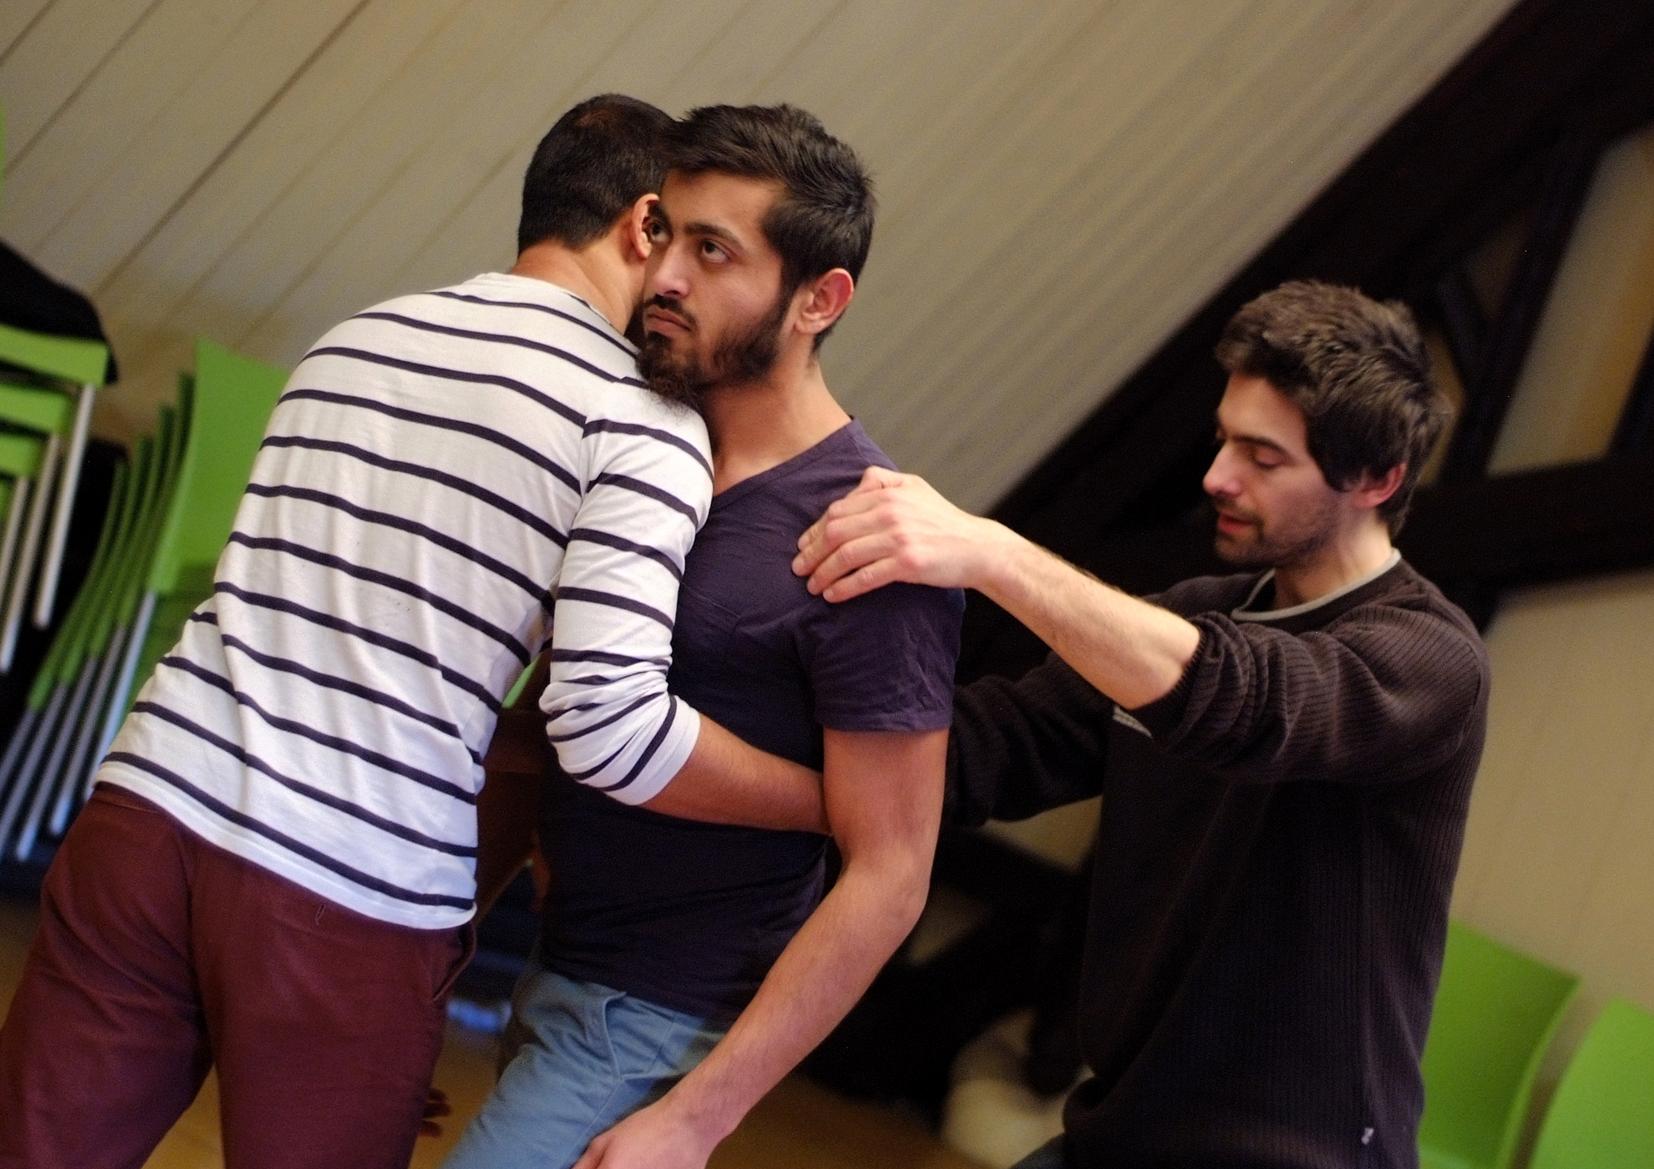 Chantier mené par  Etienne Fanteguzzi  avec le MOAF / fév 15